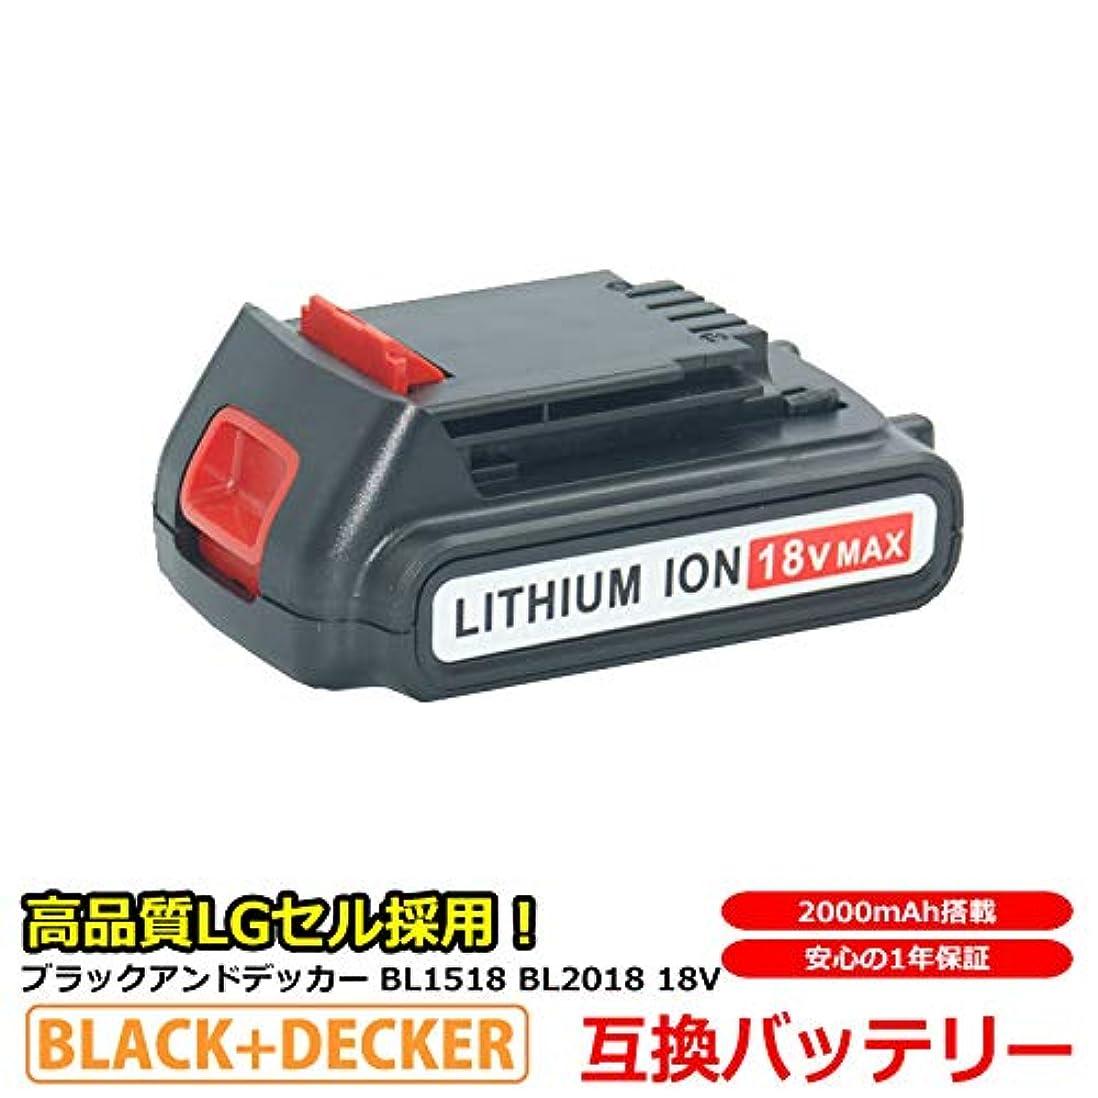 怪しい豊富な雇用ブラックアンドデッカー BLACK&DECKER 18V 2.0Ah リチウムイオンバッテリー BL2018 BL1518 互換バッテリー 1年保証